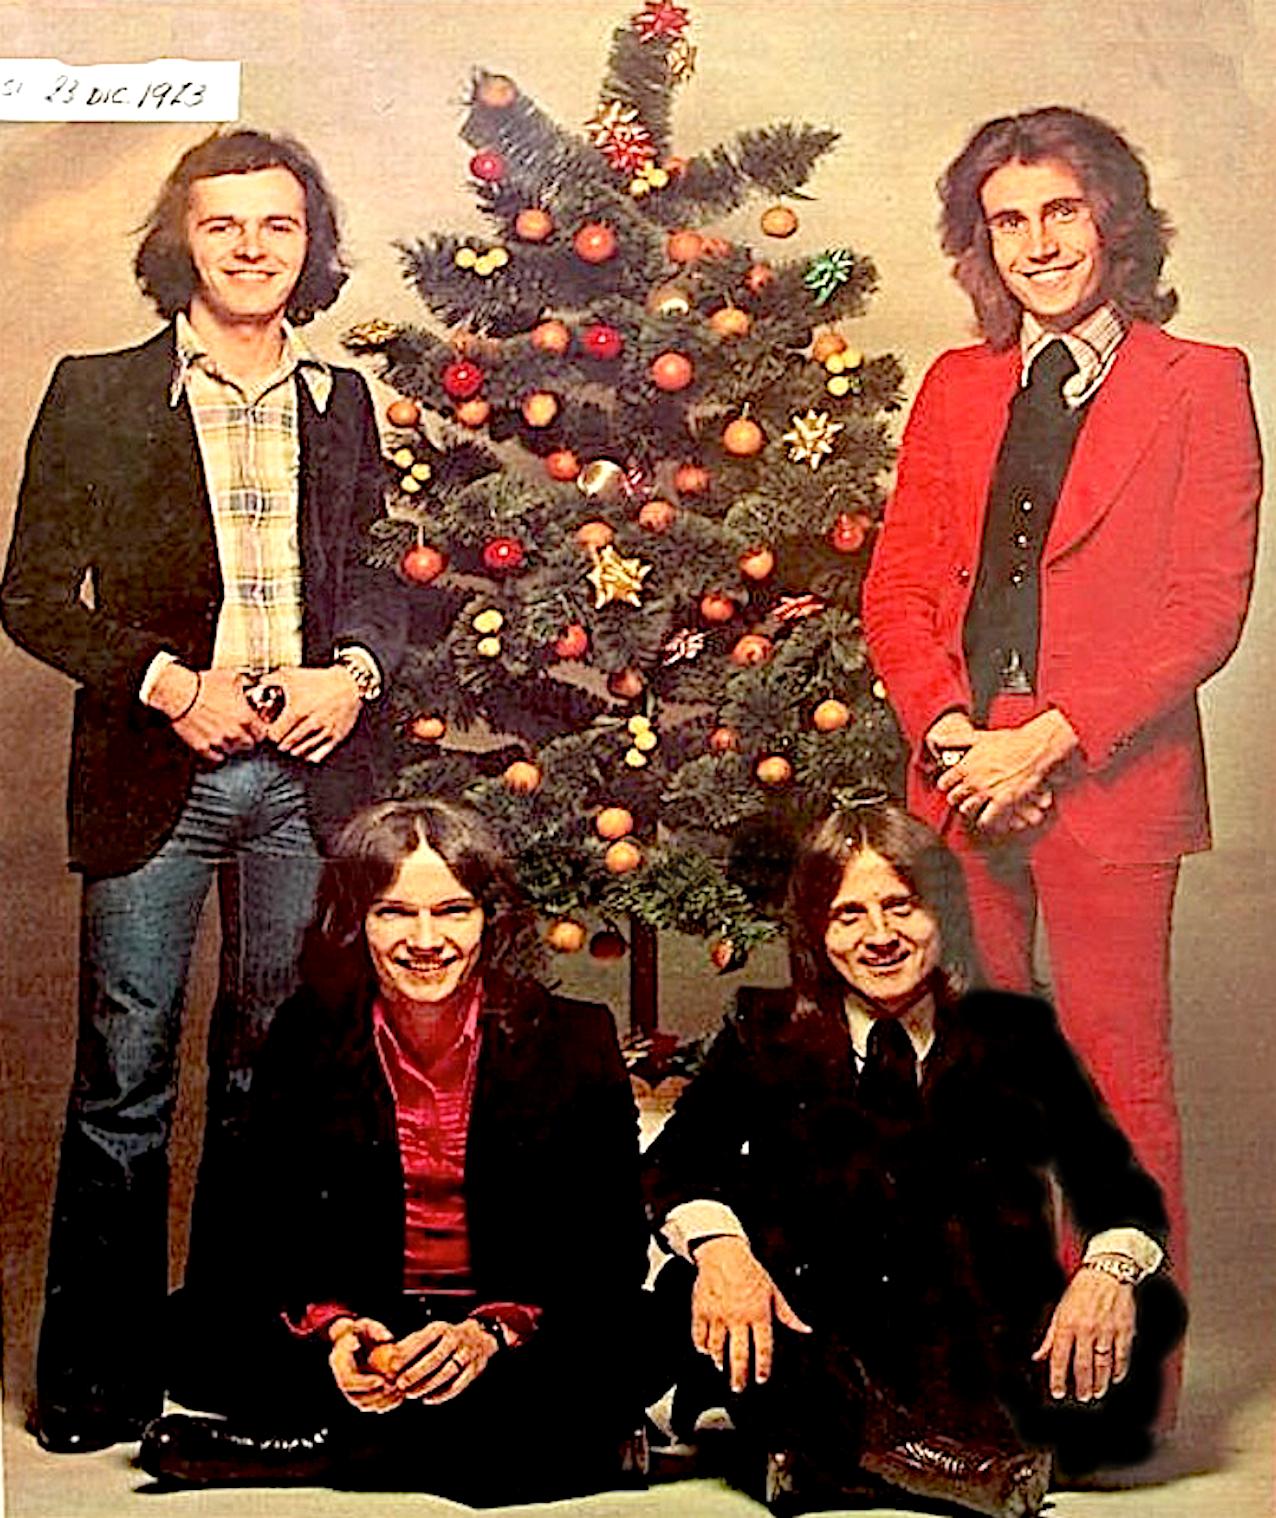 albero_natale_pooh_1973_vintage